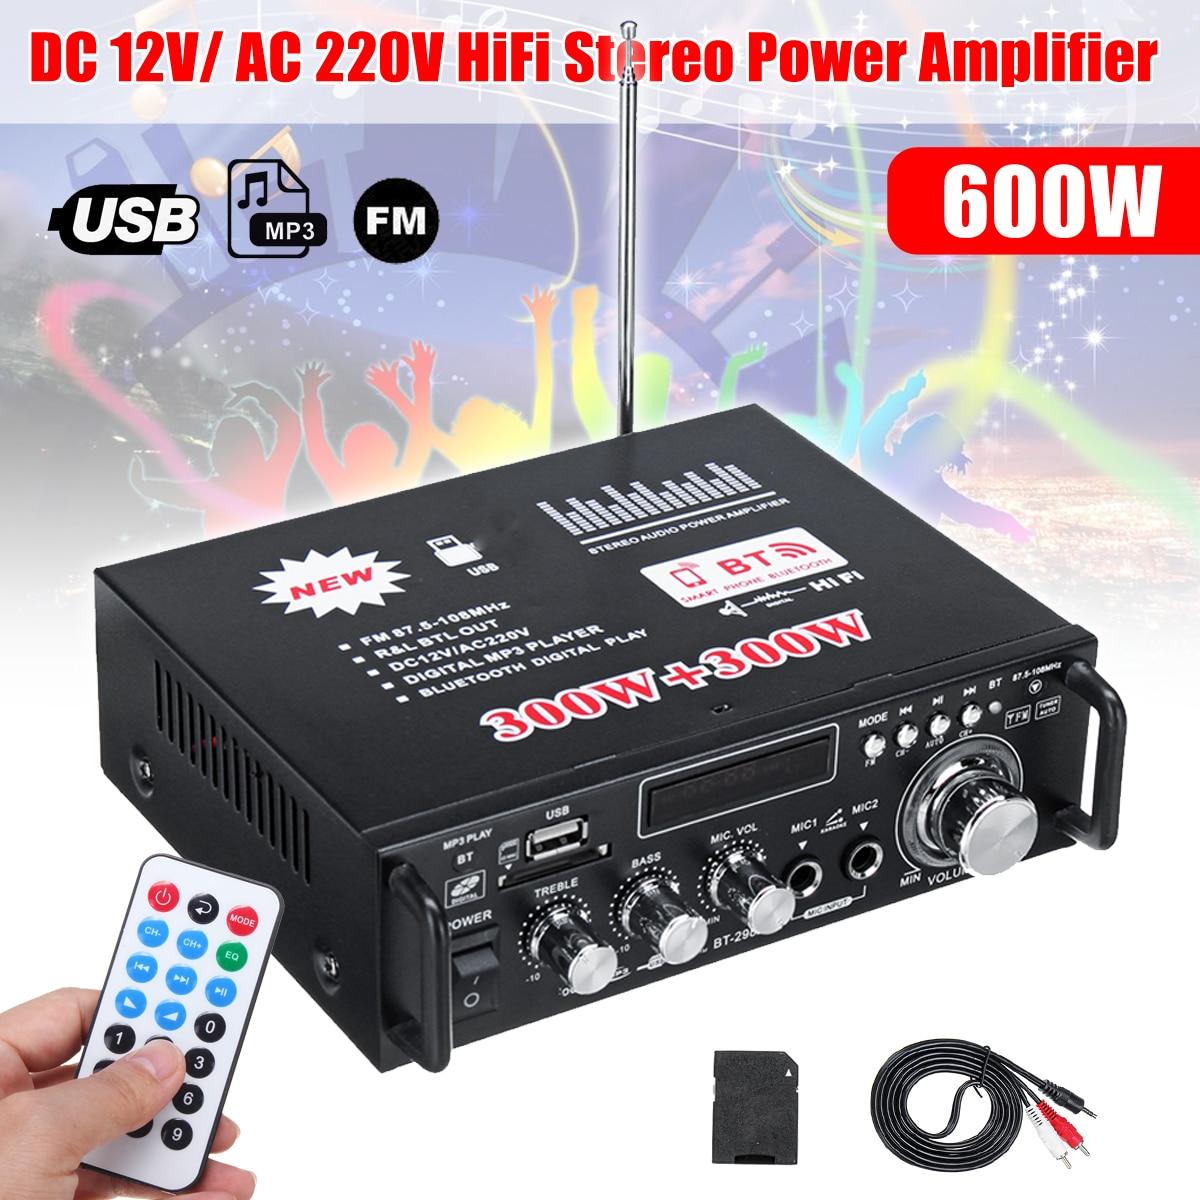 KROAK 600 w 12 v 220 v Mini USB Bluetooth Estéreo de Alta Fidelidade Amplificador de Potência de Áudio Do Carro de Controle Remoto para o Carro auto de Áudio Em Casa